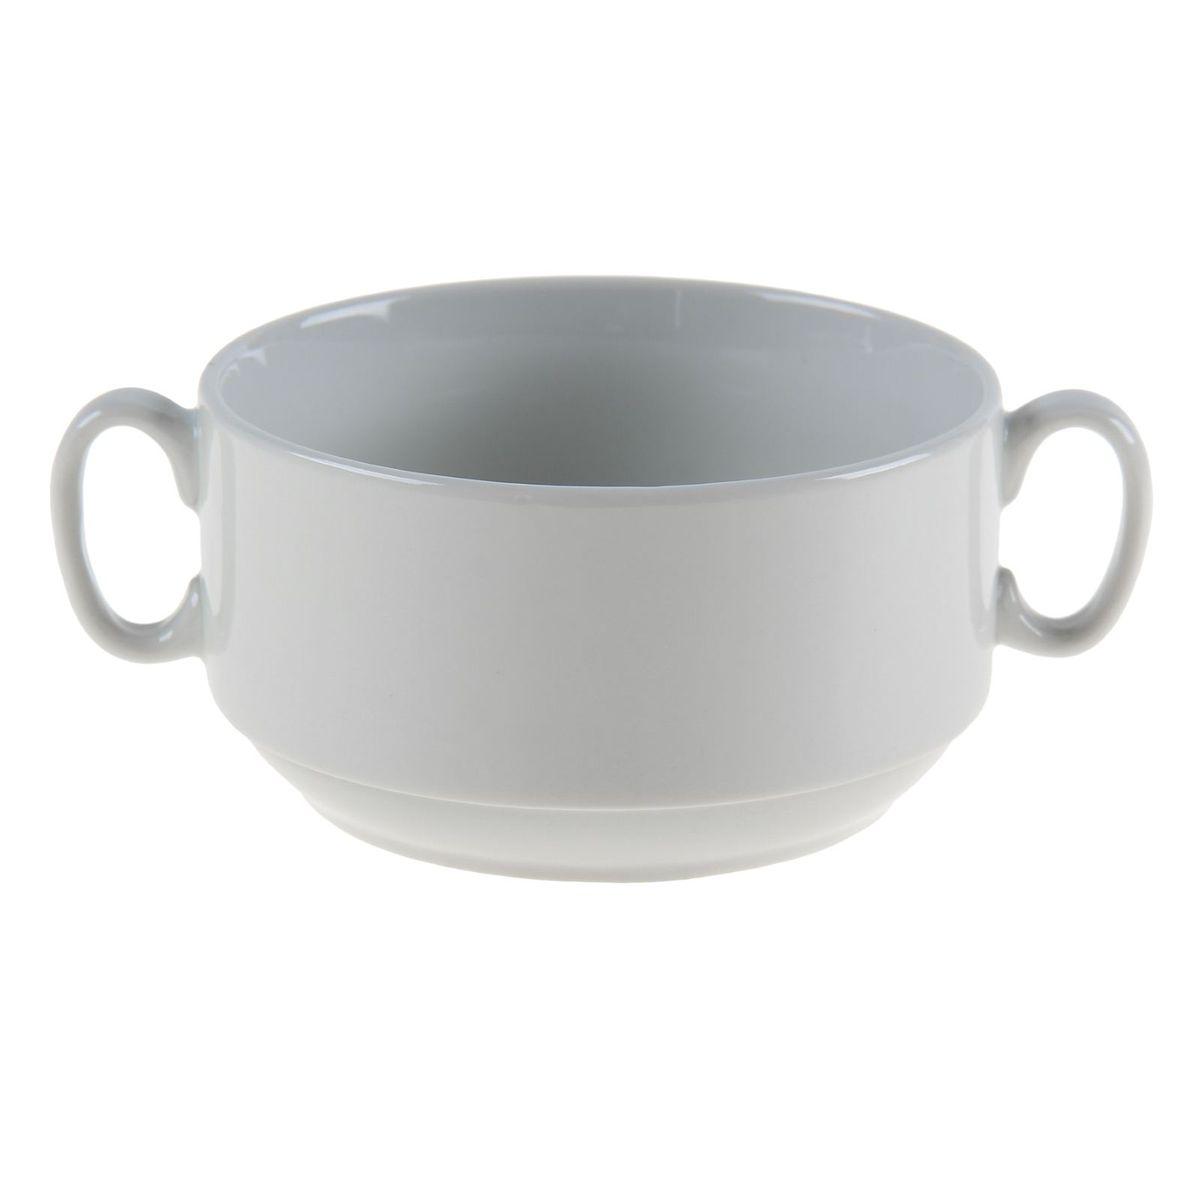 Бульонница Белье, 470 мл. 11095011109501Чашка Белье, изготовленная из высококачественного фарфора, предназначена для подачи супов и бульонов. Изделие оснащено 2 ручками для более удобного использования. Оригинальная чашка для бульона Белье украсит сервировку вашего стола и подчеркнет прекрасный вкус хозяина, а также станет отличным подарком.